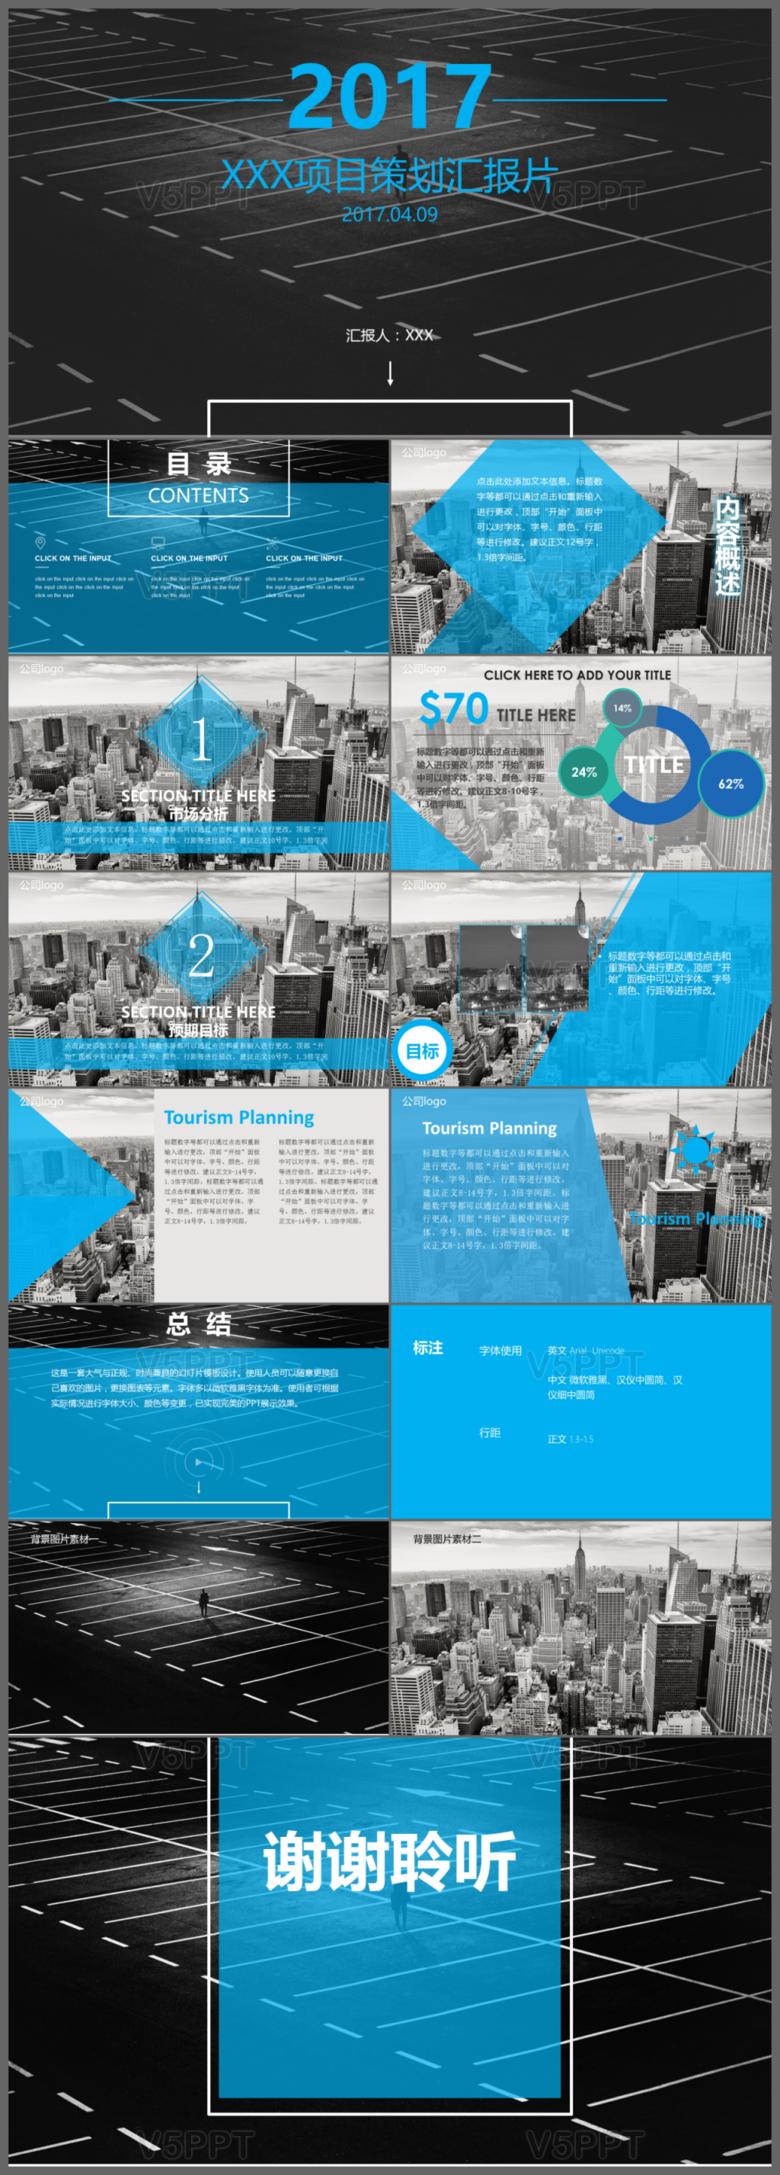 2018年蓝色大气时尚年度工作汇报质感背景PPT模板